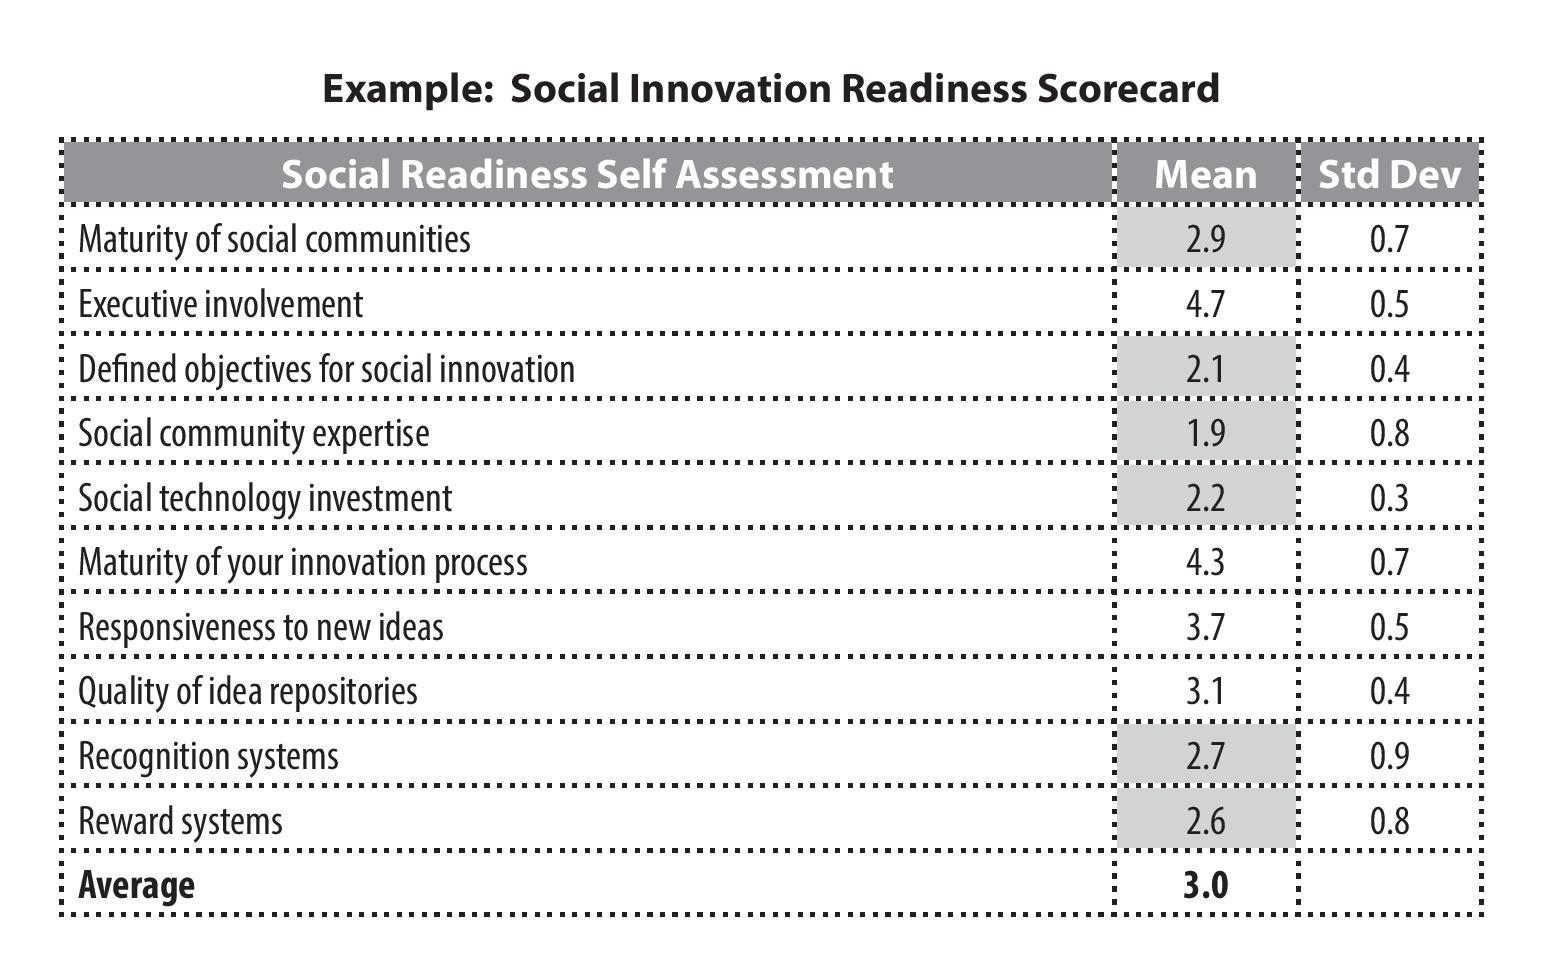 Example Social Innovation Readiness Scorecard.jpg